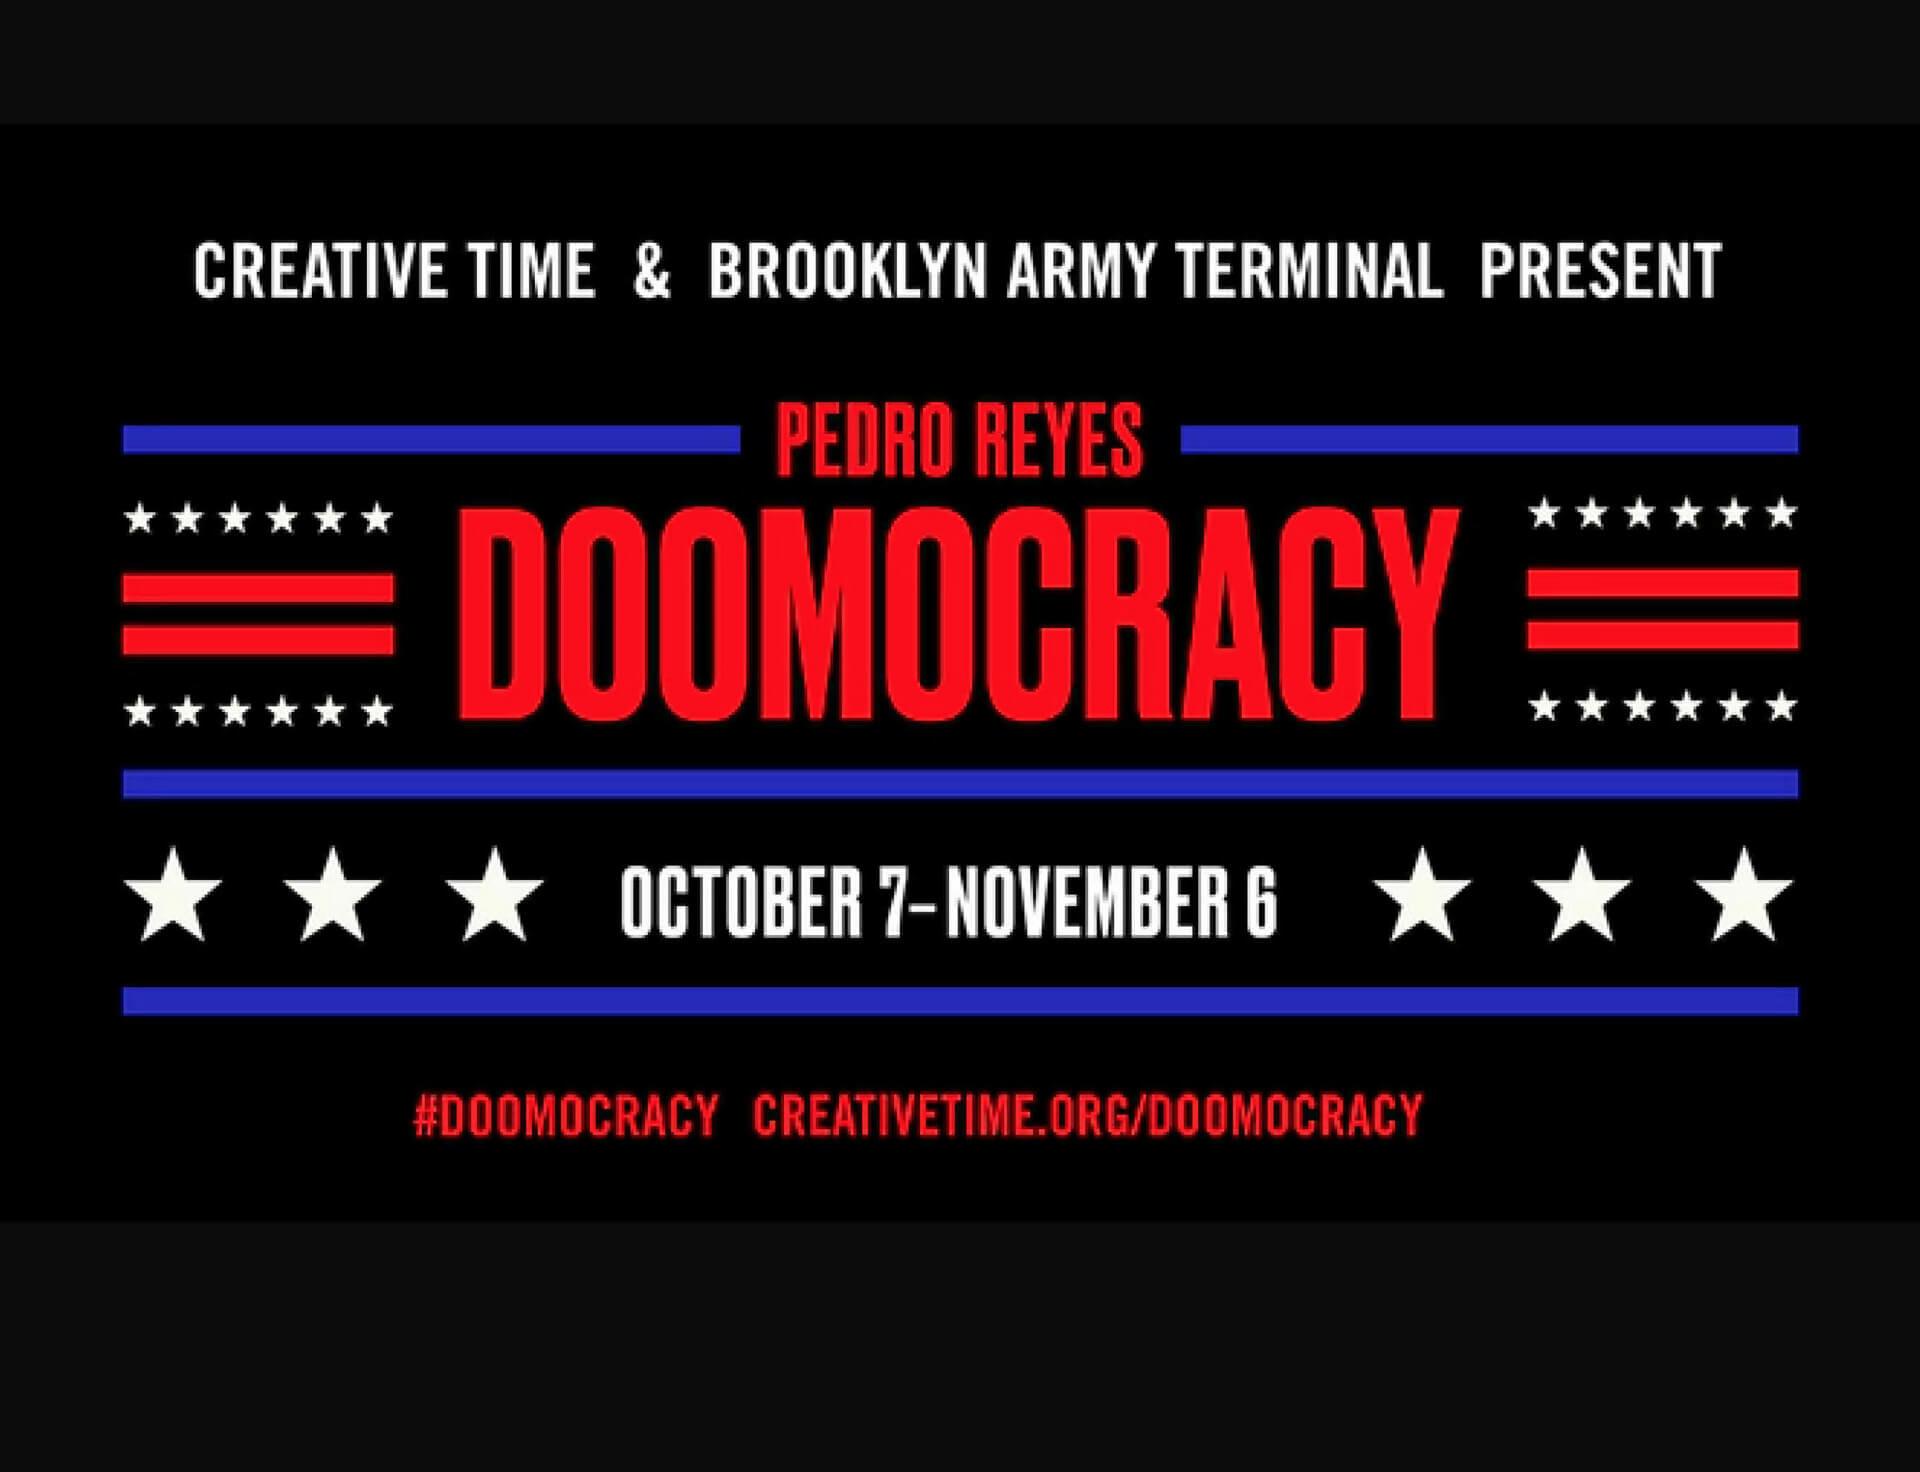 Doomocracy